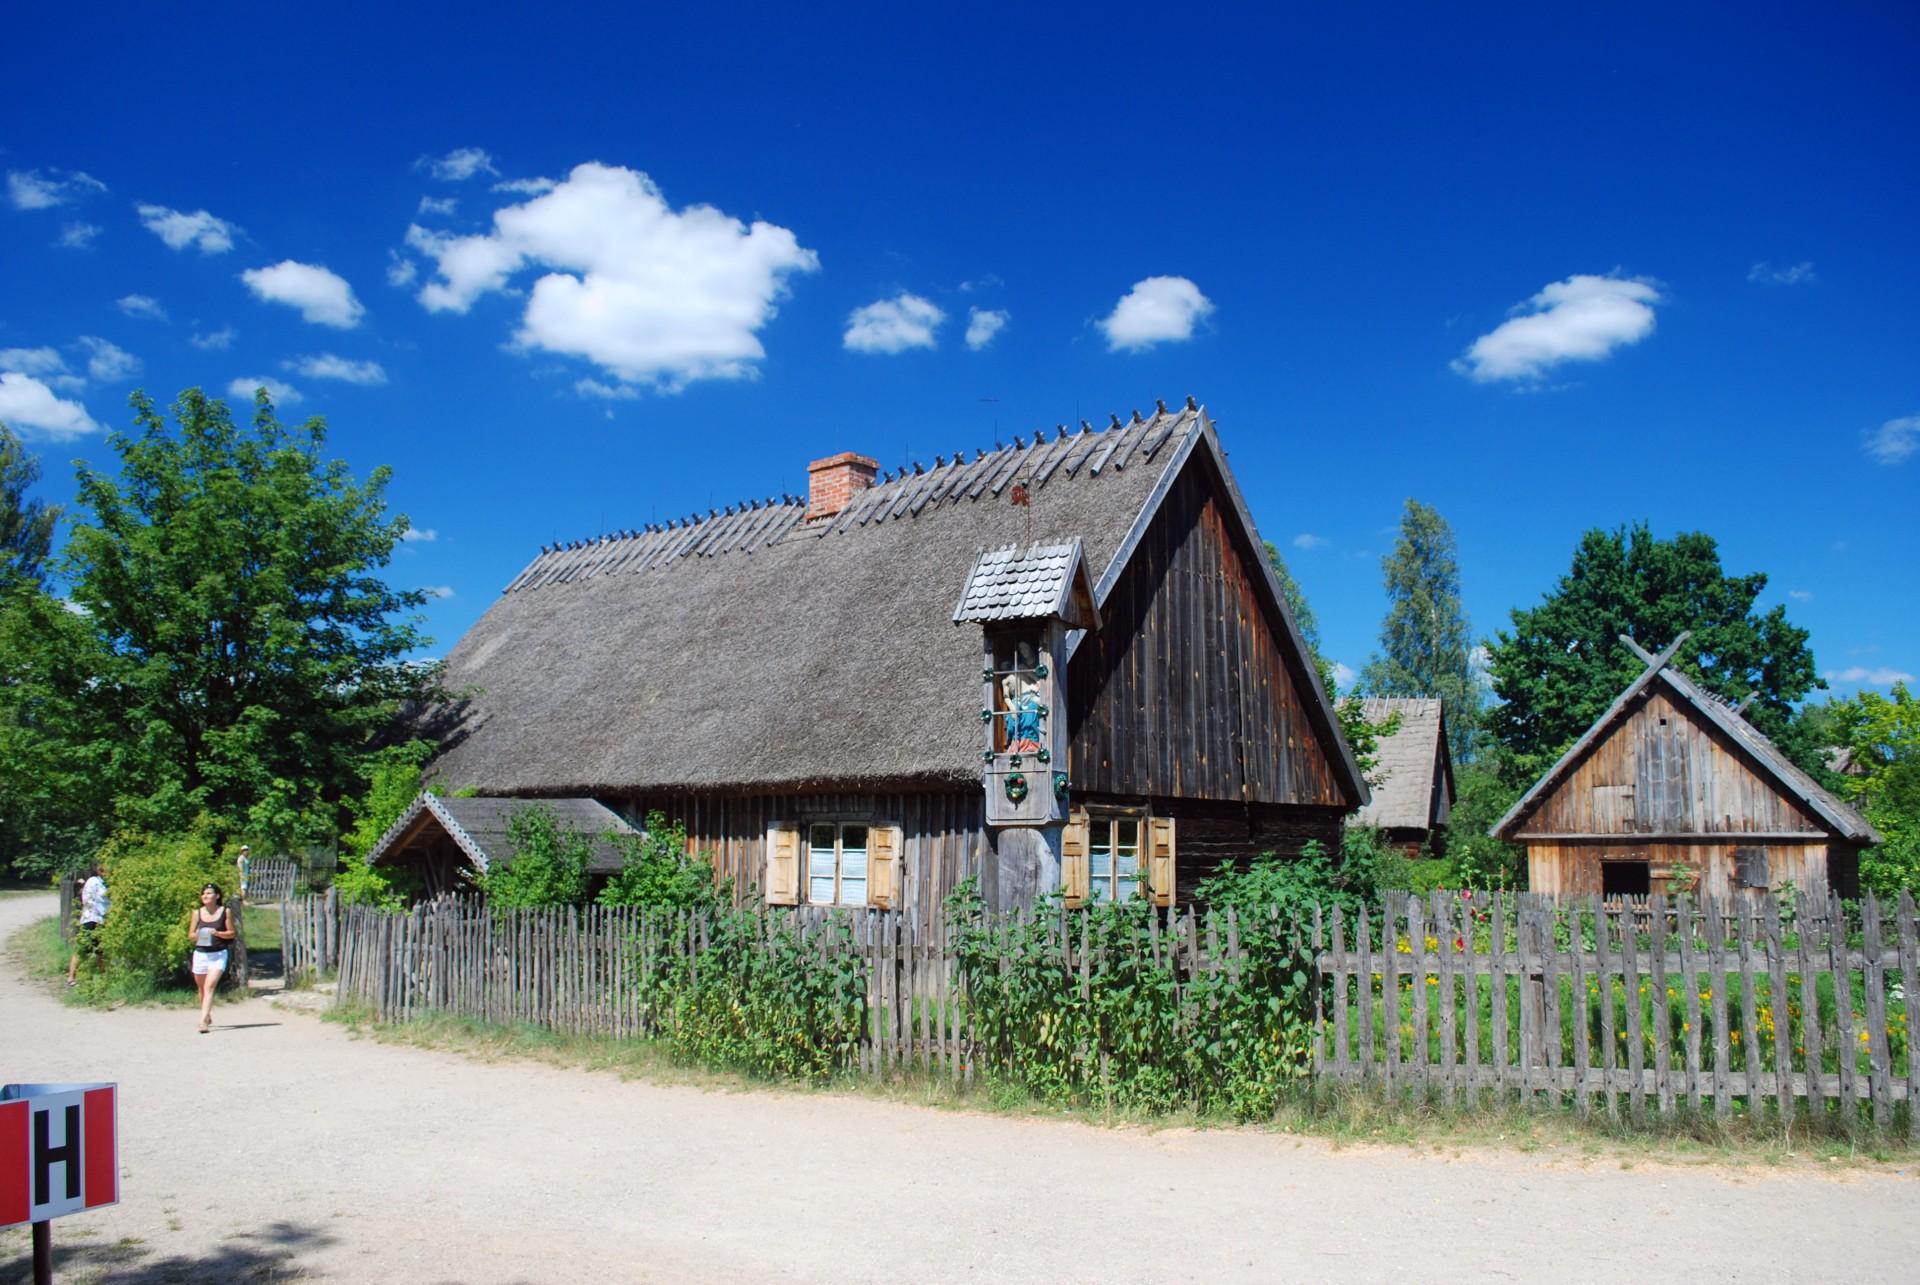 Wdzydze Kiszewskie. Skansen czyli Kaszubski Park Etnograficzny